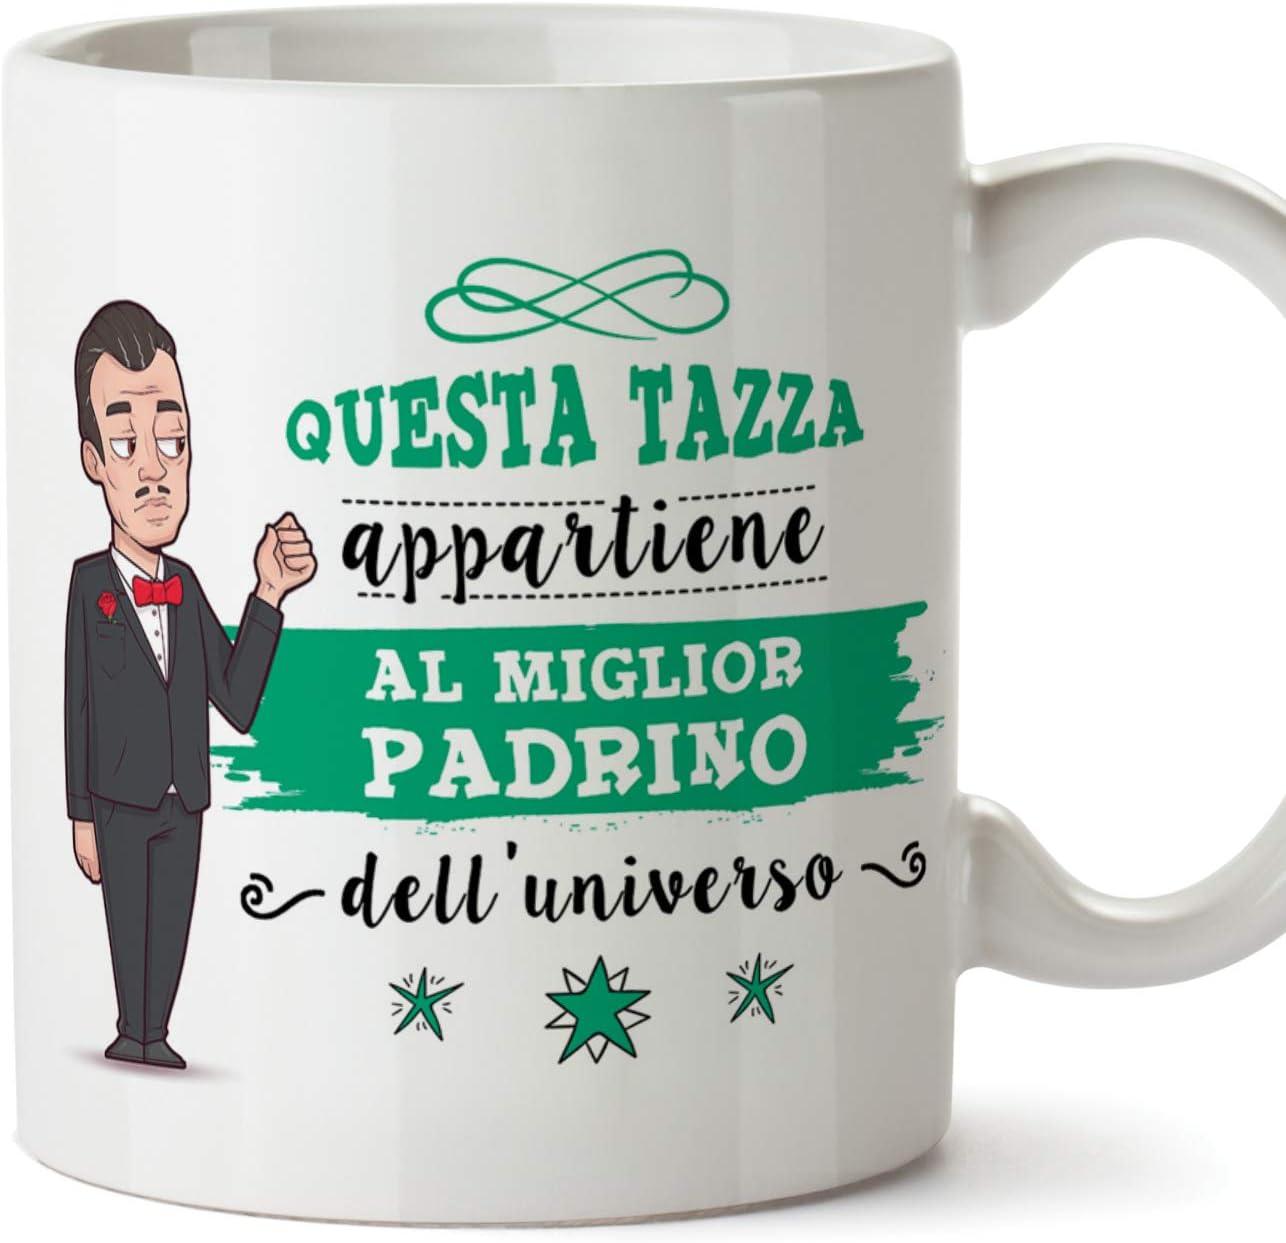 MUGFFINS Padrino Tazza/Mug - Questa Tazza Appartiene al Miglior Padrino dell'Universo - Idea Regalo Giorno di Pasqua/Battesimo - Tazza Miglior Padrino